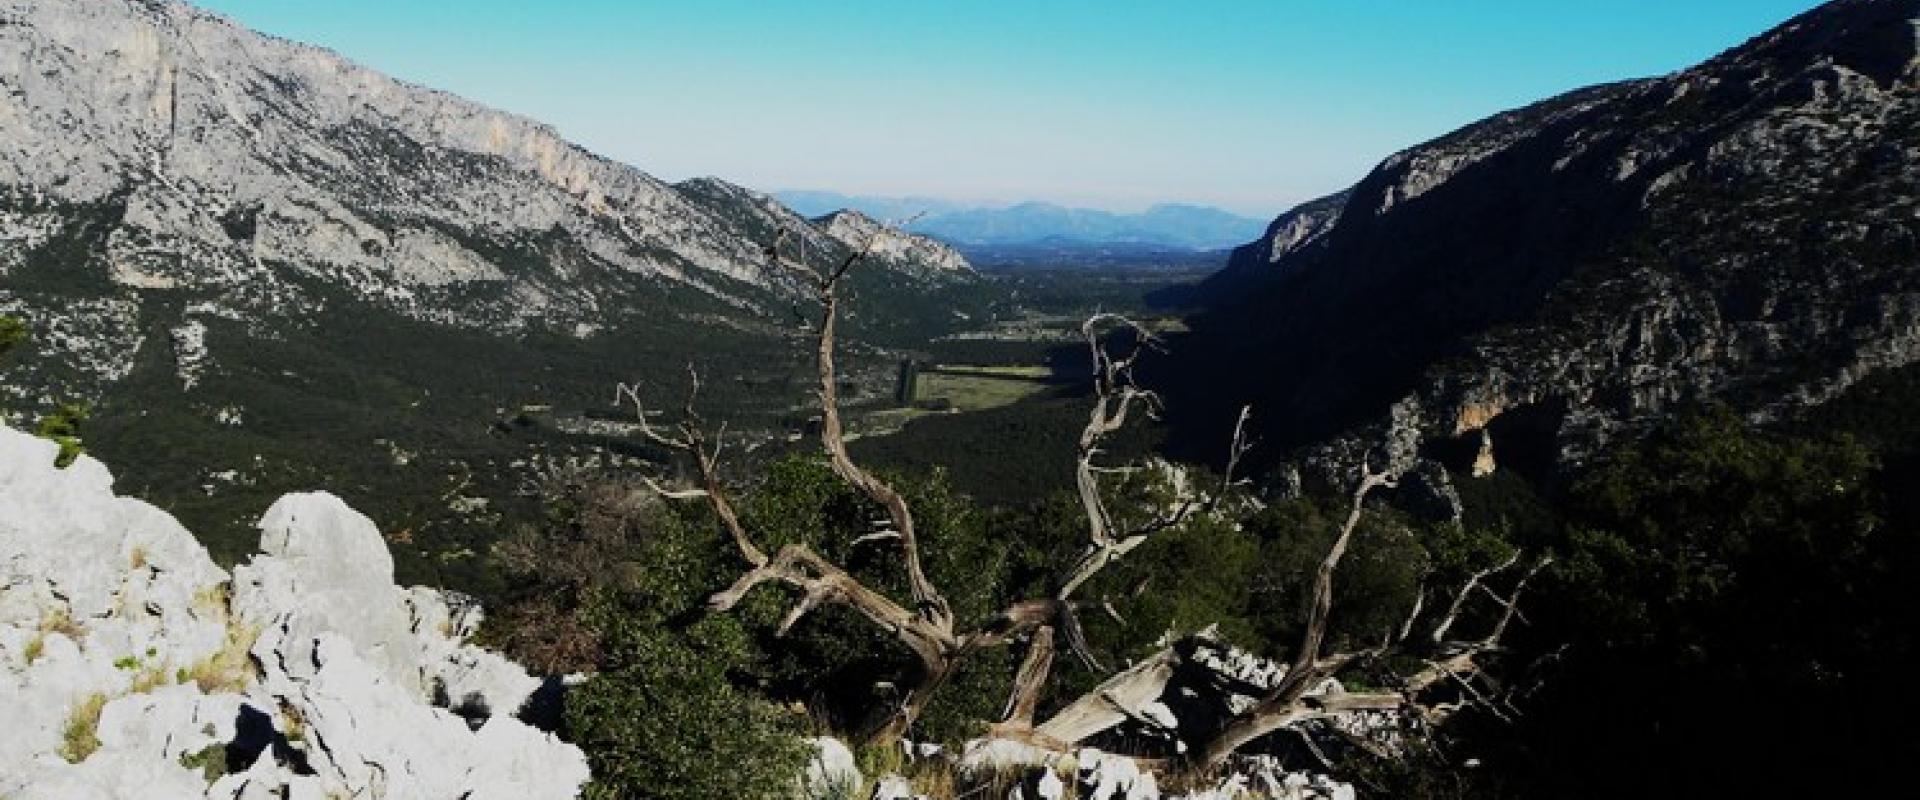 trekking on Monte Corrasi